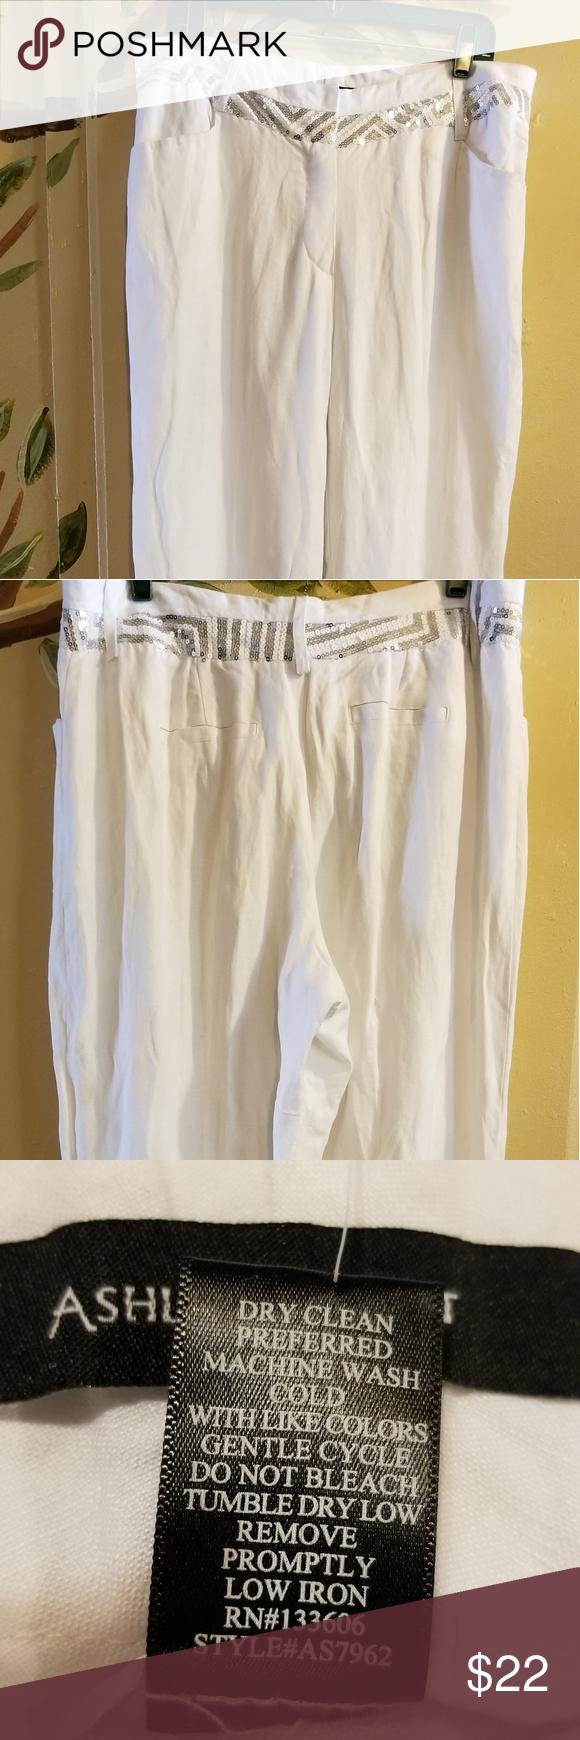 e9f0cfca72f51 ASHLEY STEWART Women s Linen Wide Leg Pants Ashley Stewart Women s Size 14 NWT  White Linen Blend